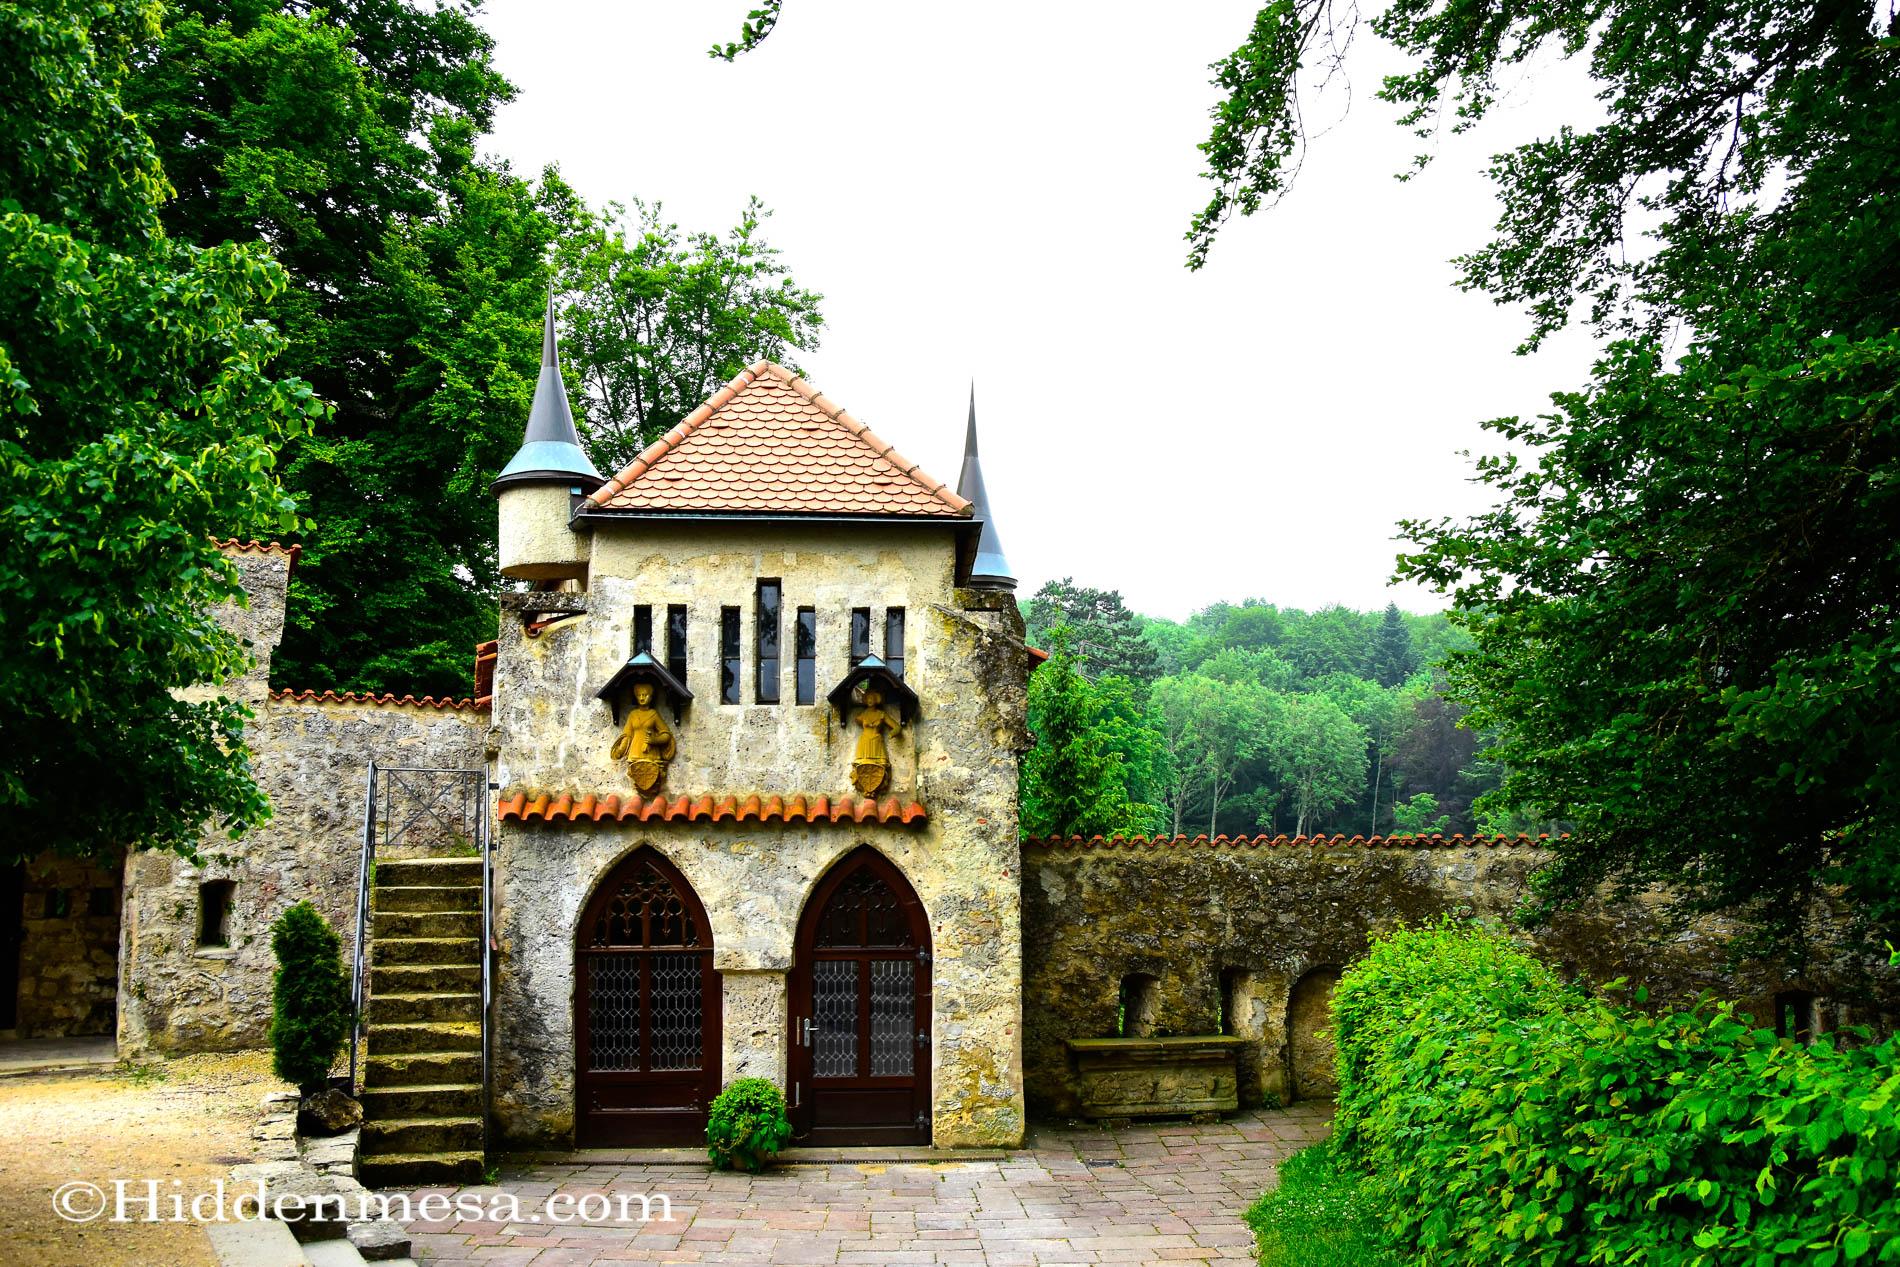 outbuildings at Lichtenstein Castle